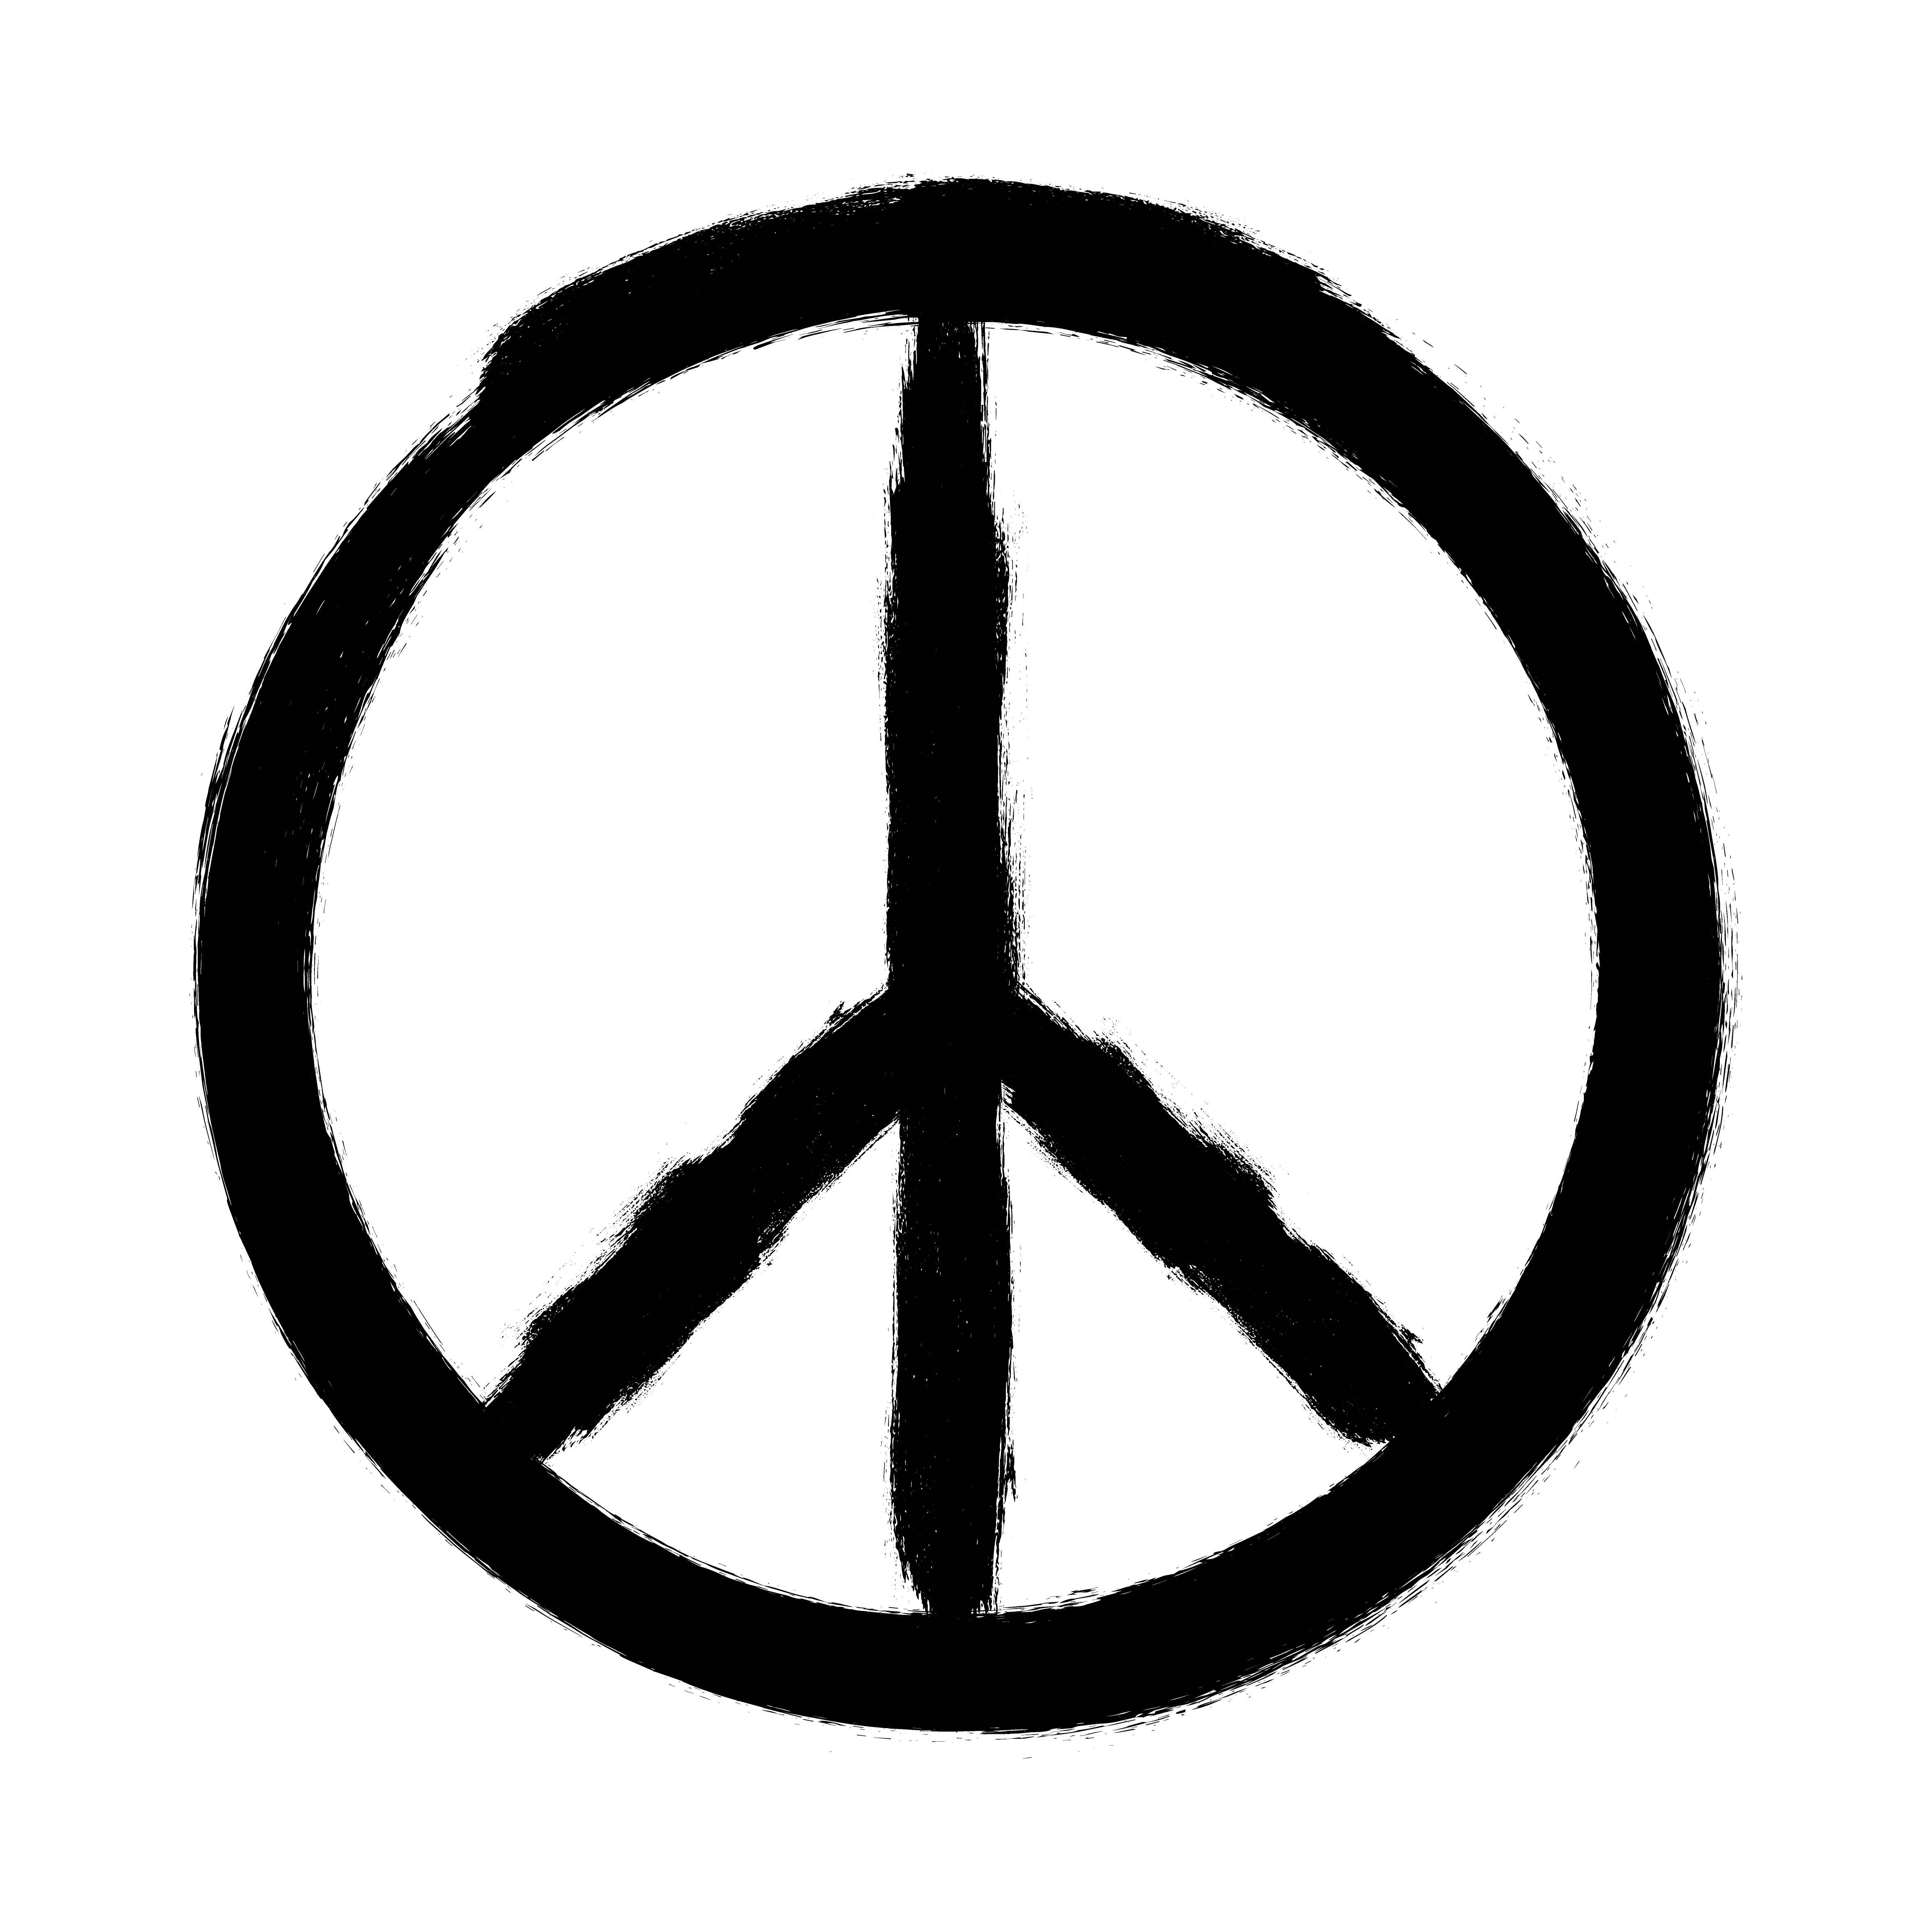 Simbolo Paz Escova Mao Desenhada Ilustracao Download Vetores